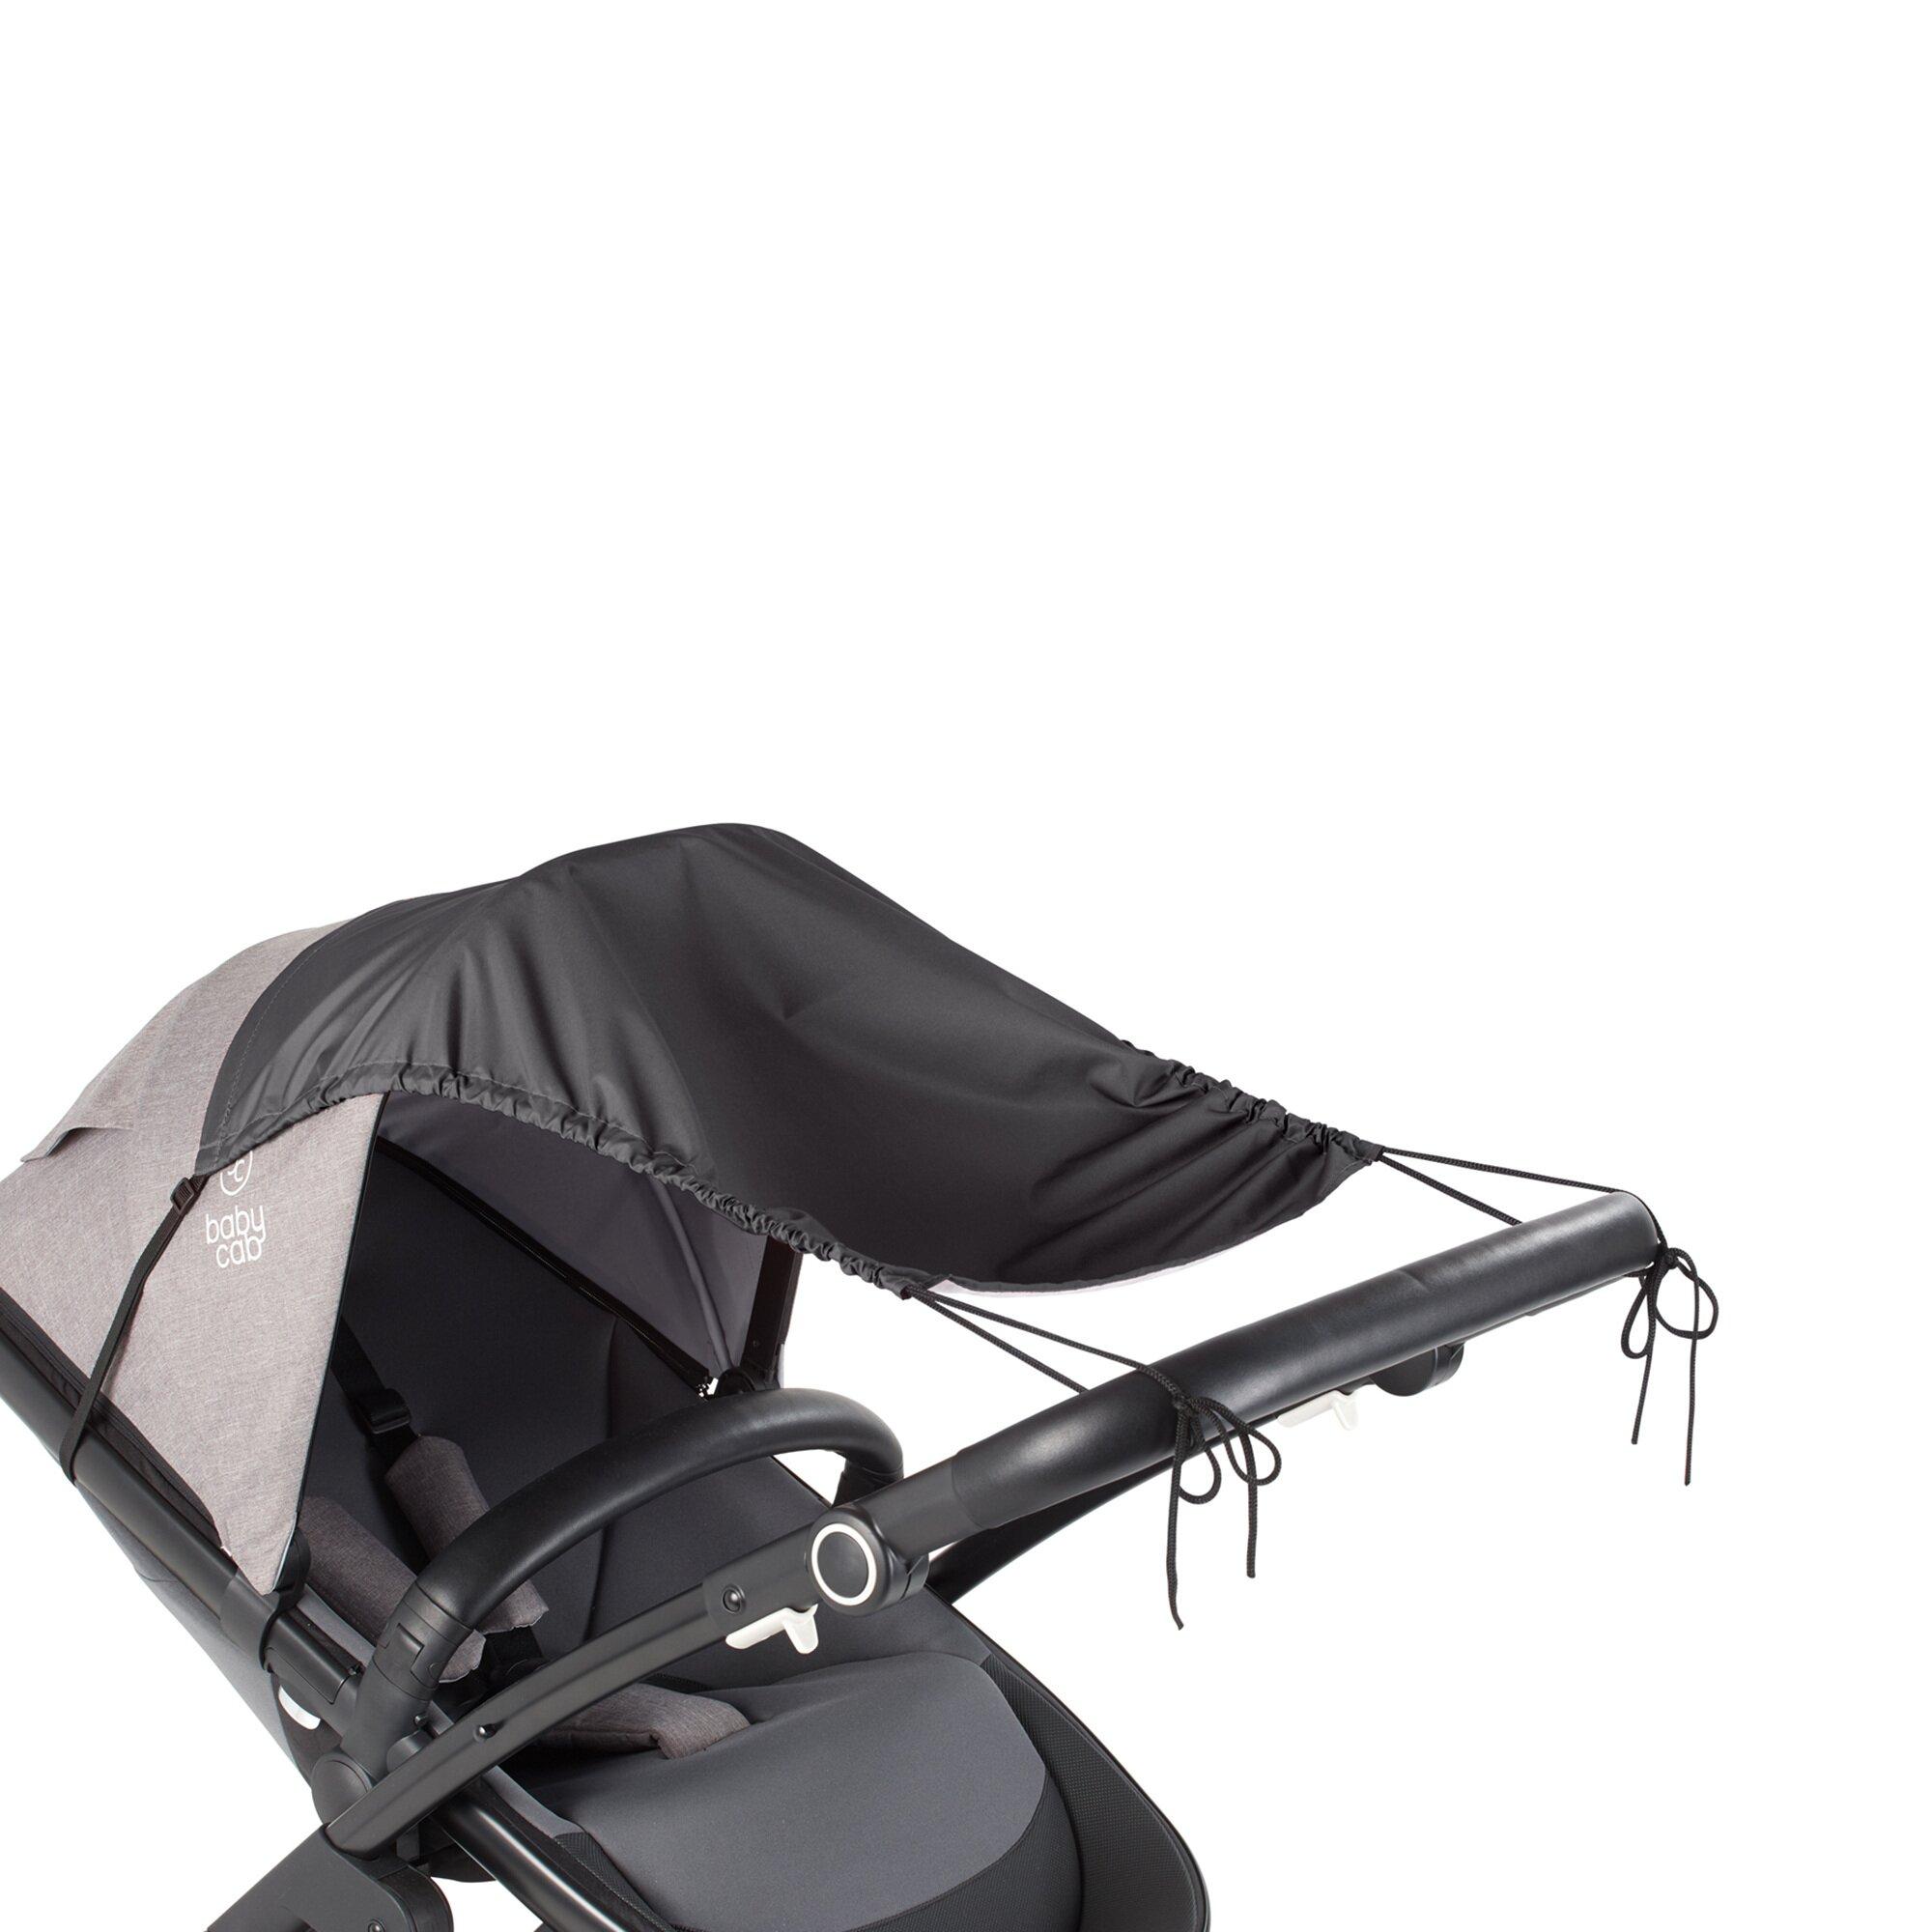 Babycab Sonnensegel mit UV-Schutz 50+ grau